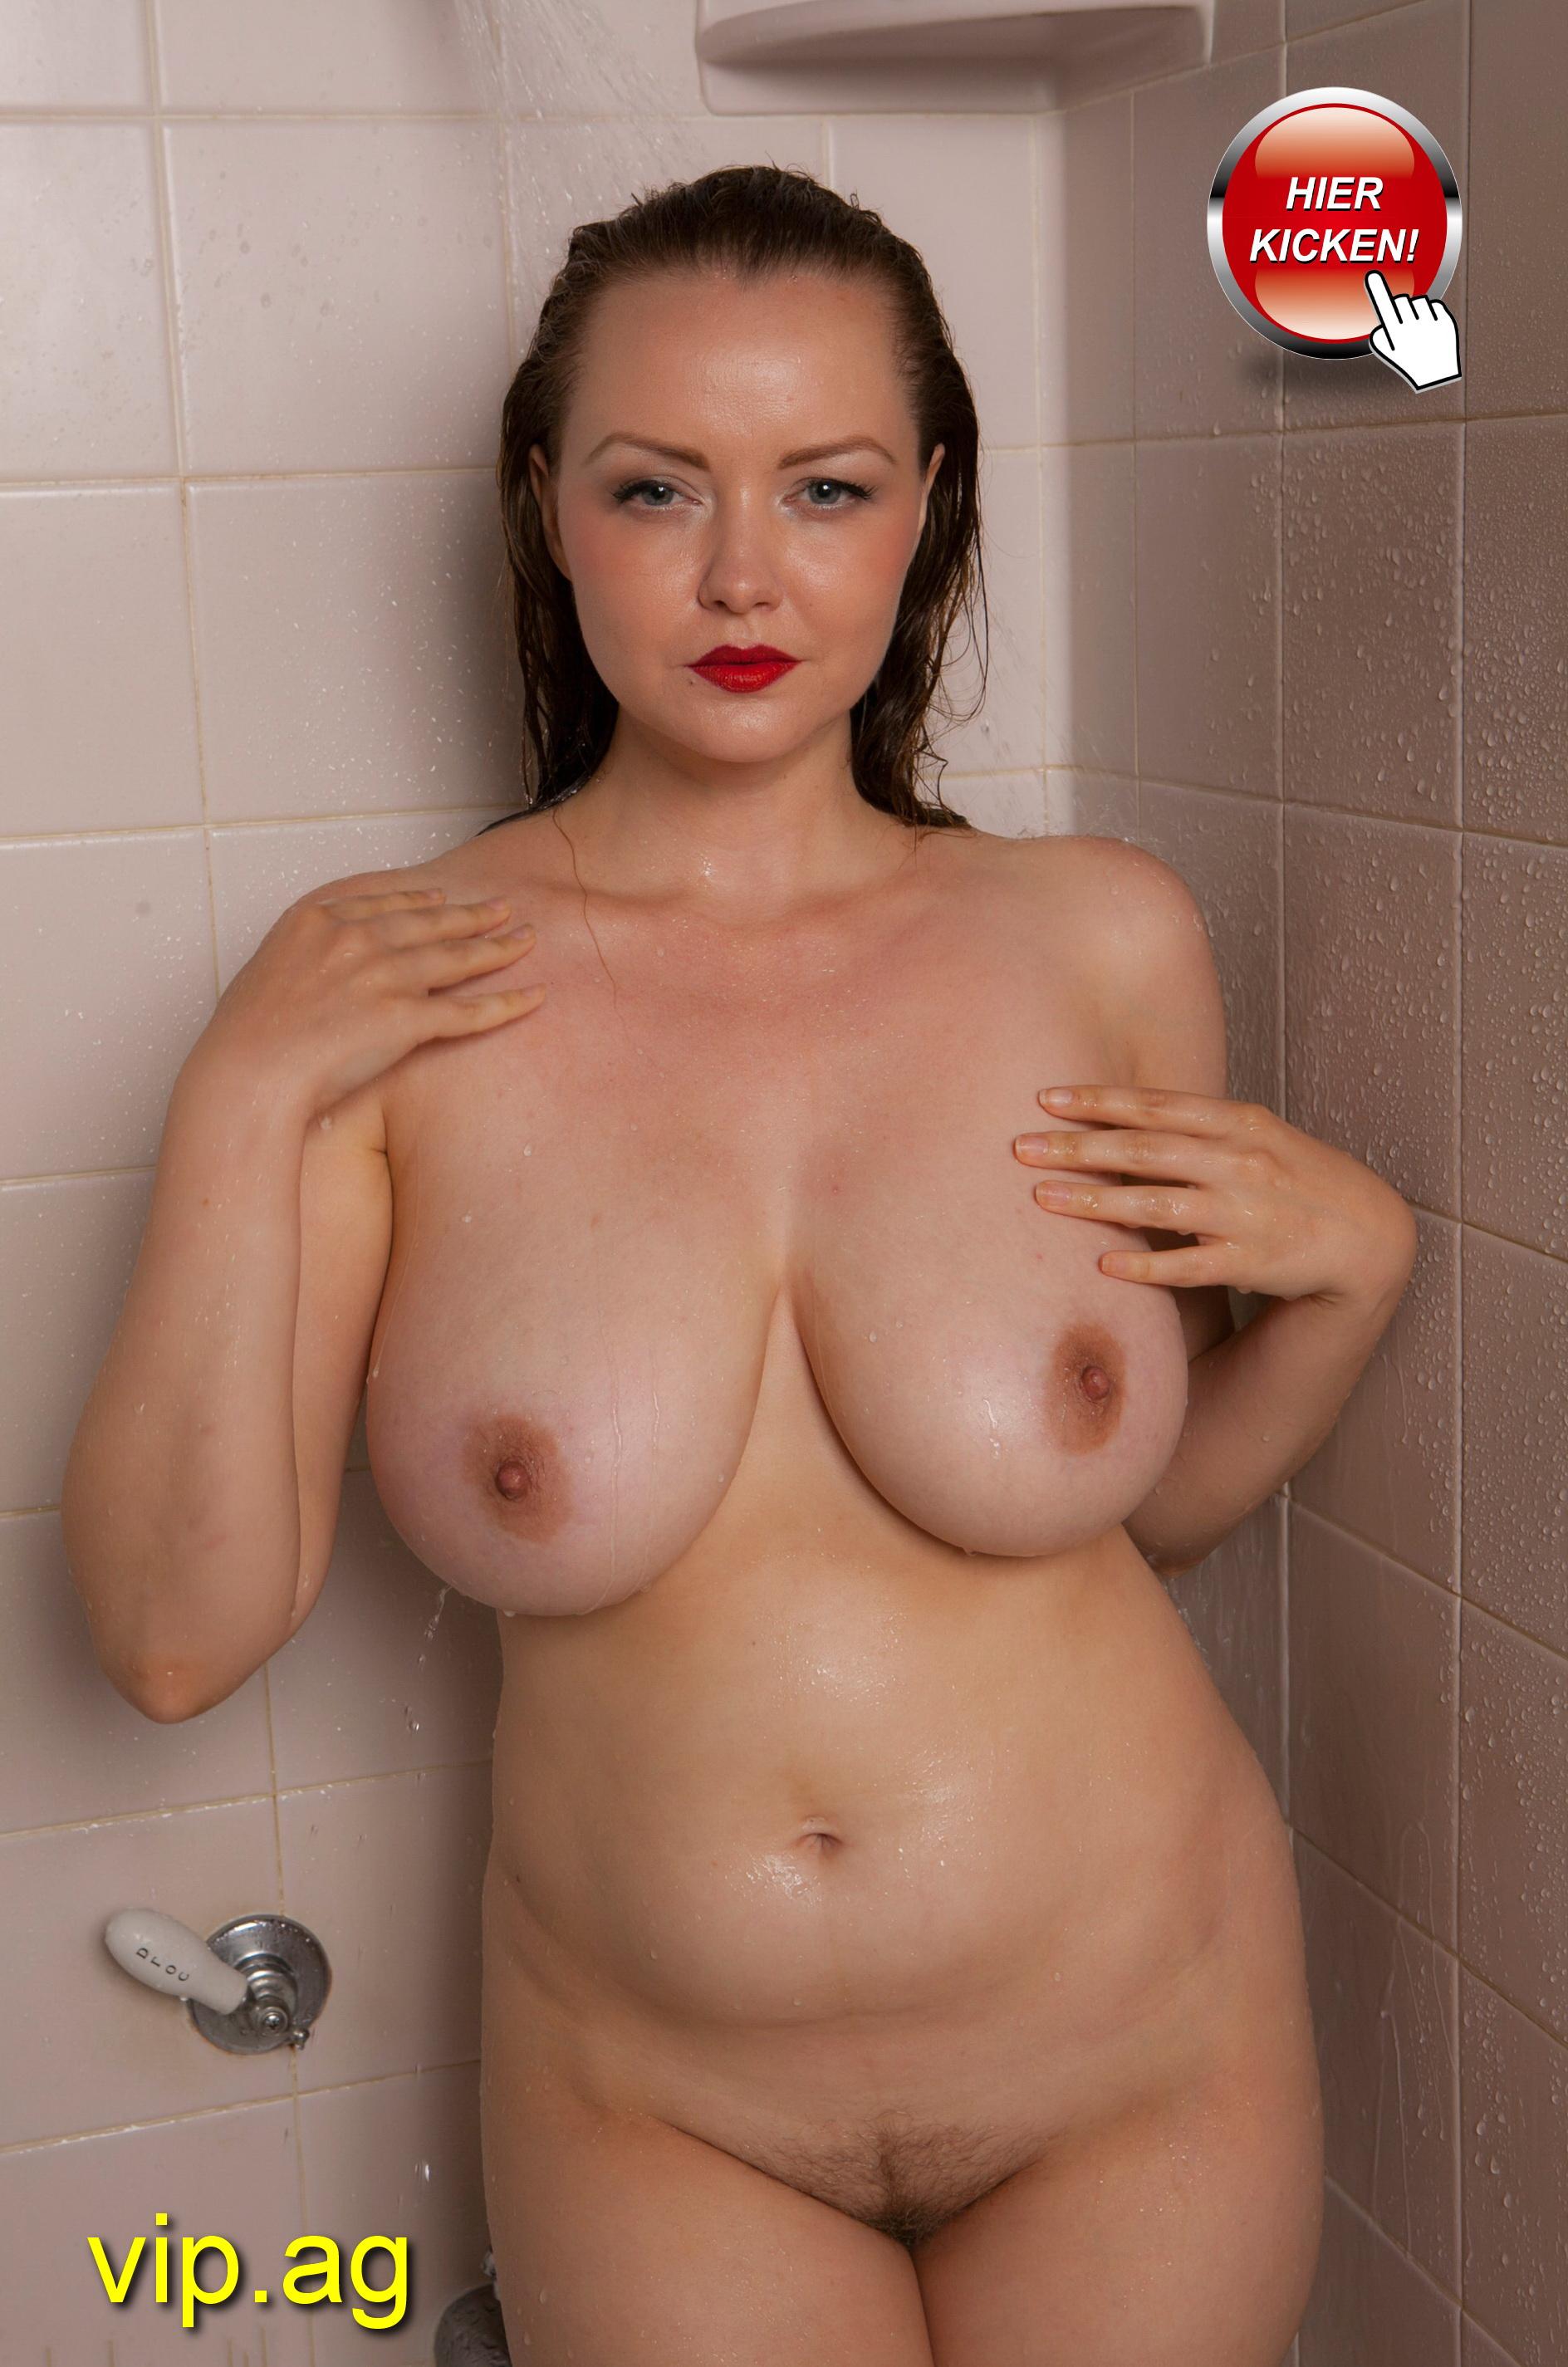 riesen Brüste Luise